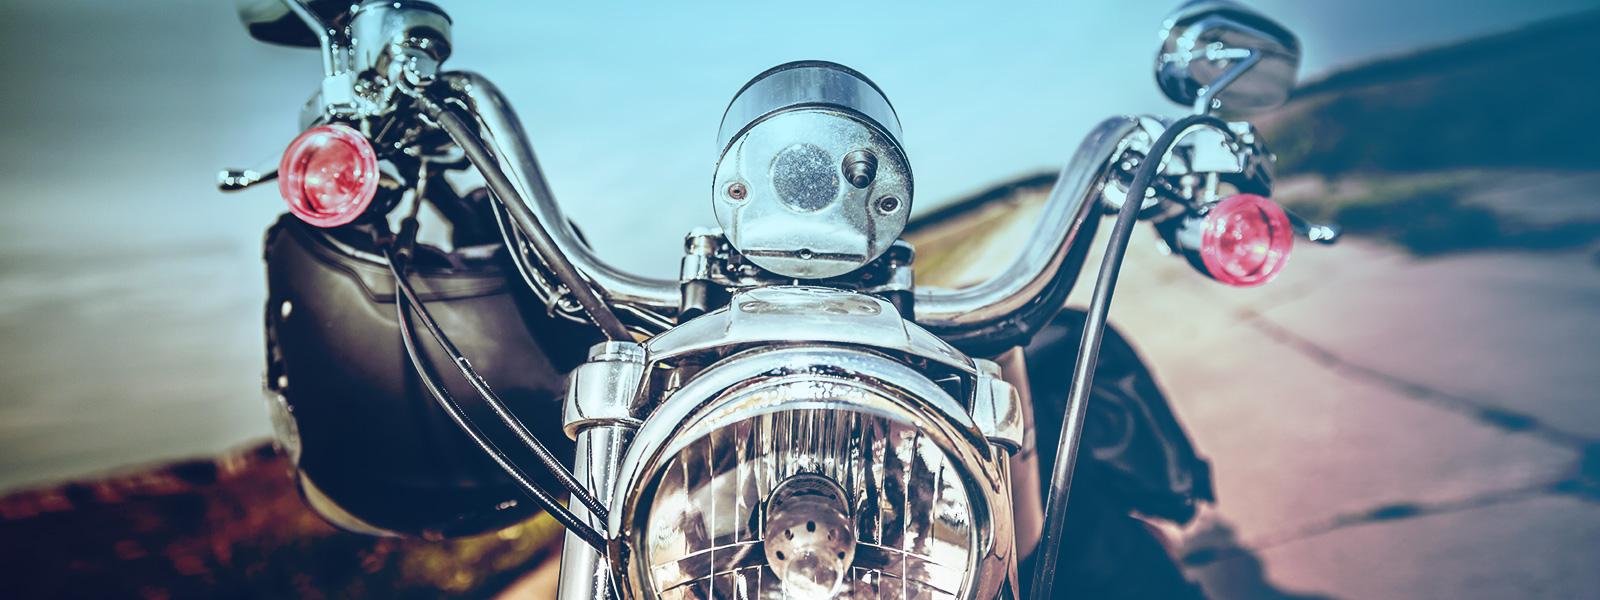 dicas-seguranca-motos-blog-ceabs